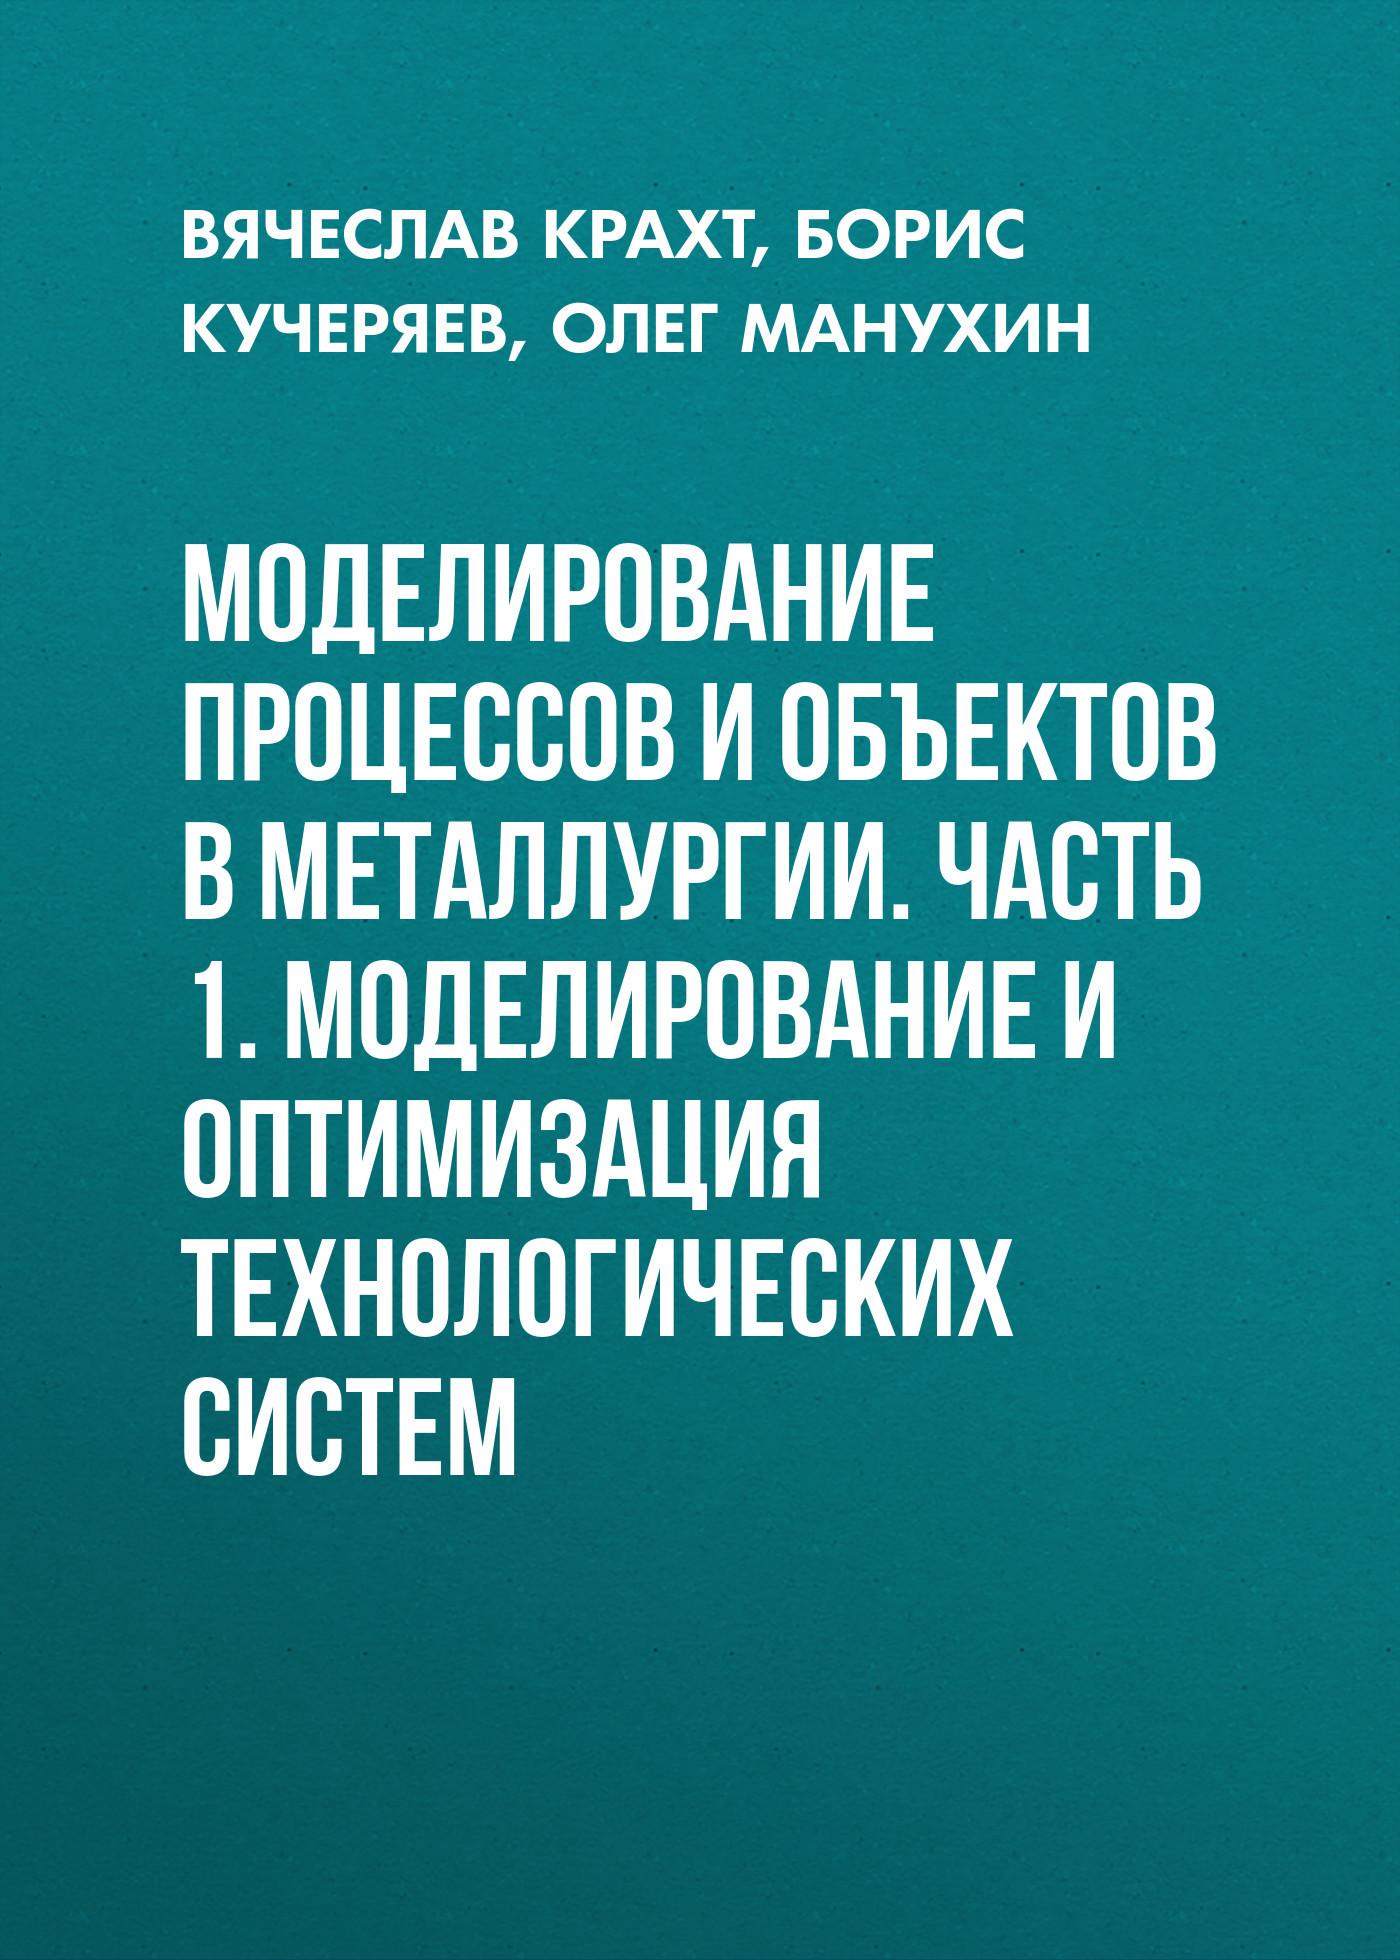 Борис Кучеряев Моделирование процессов и объектов в металлургии. Часть 1. Моделирование и оптимизация технологических систем